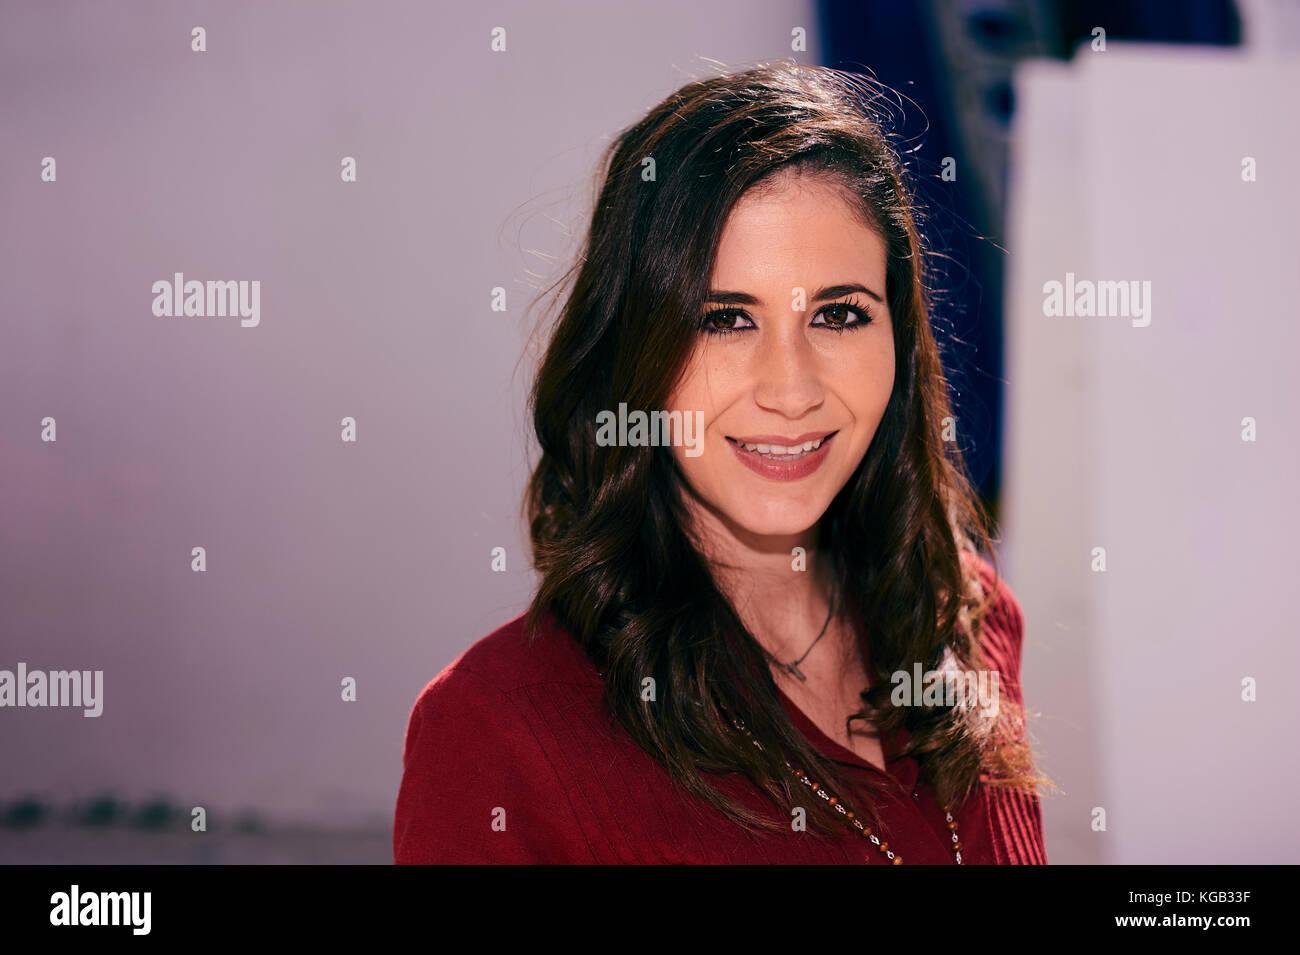 Jungen latino lächelnde Frau Stockbild